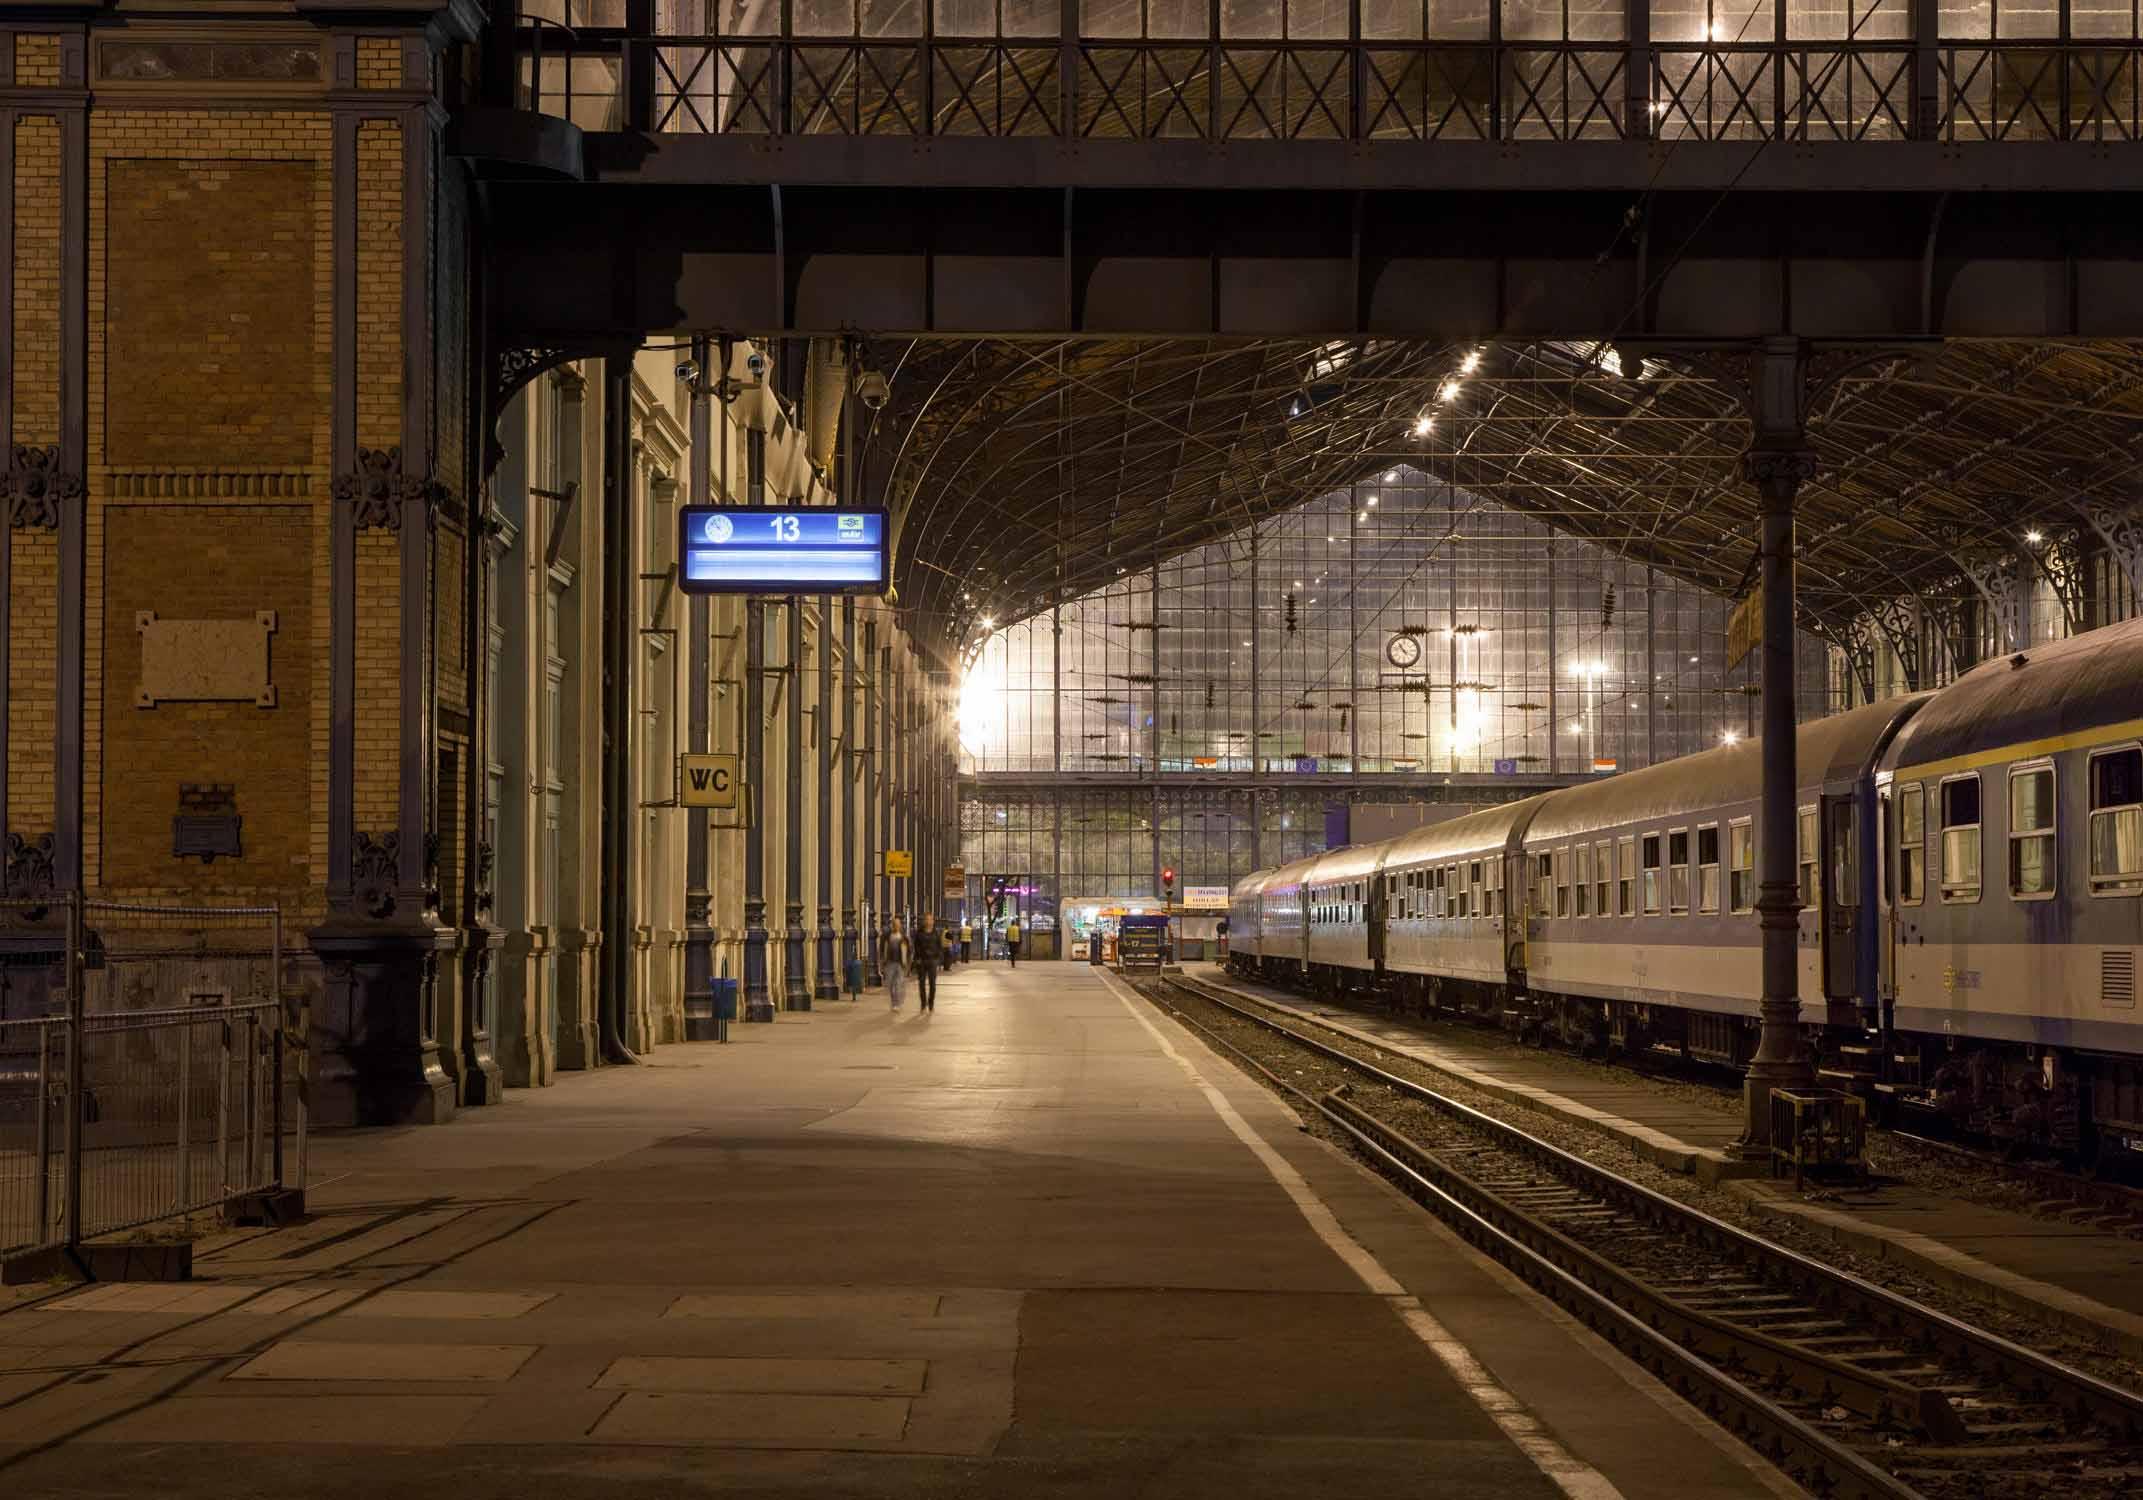 budapest nyugati pu nacht gleis 13 bahnsteig leere ruhe braun westbahnhof ungarn bahnhof reisen zugfahren Jörn Strojny